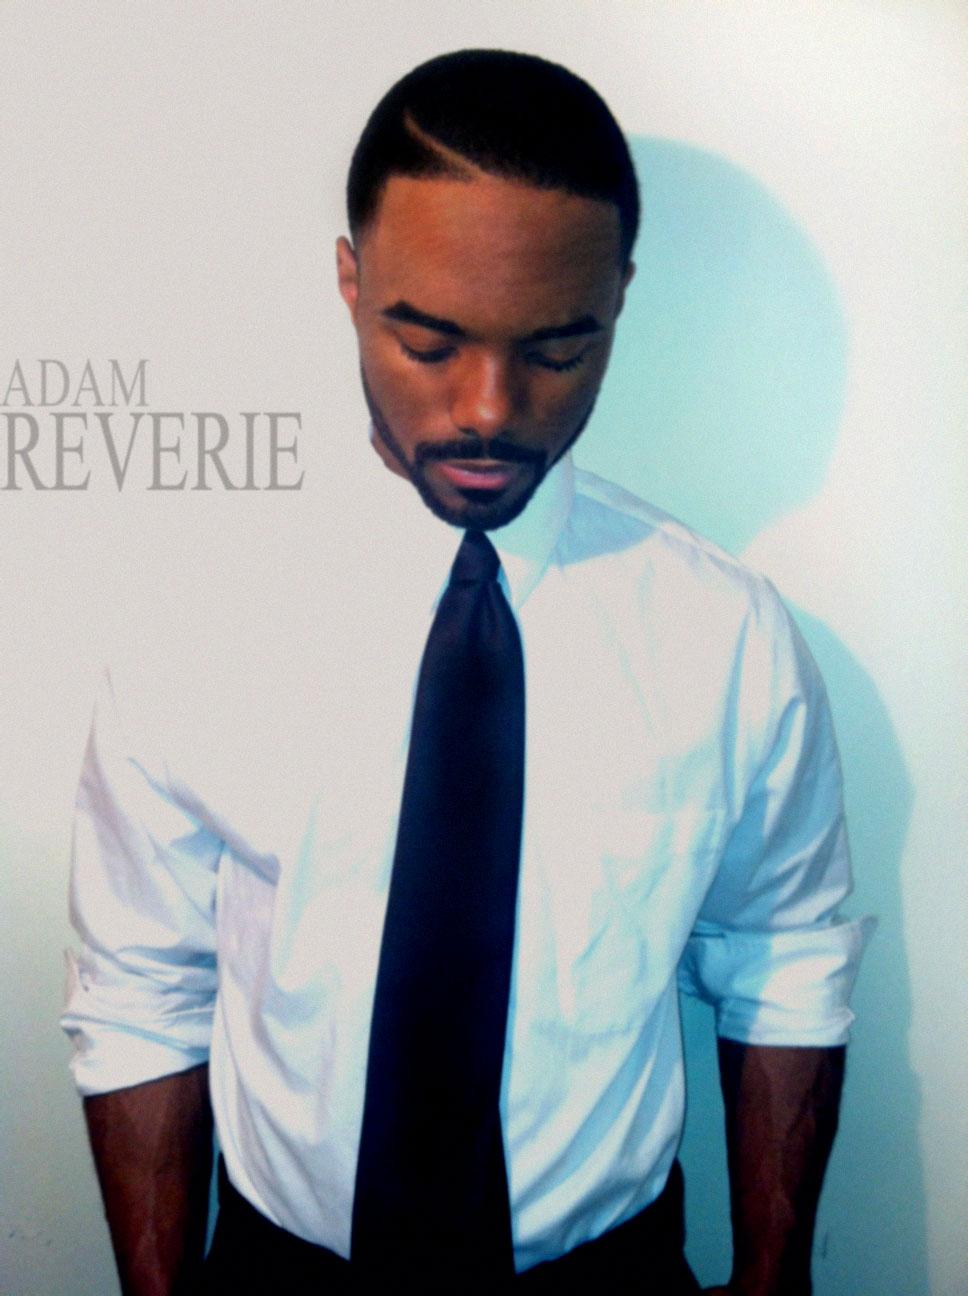 Adam Reverie Promo